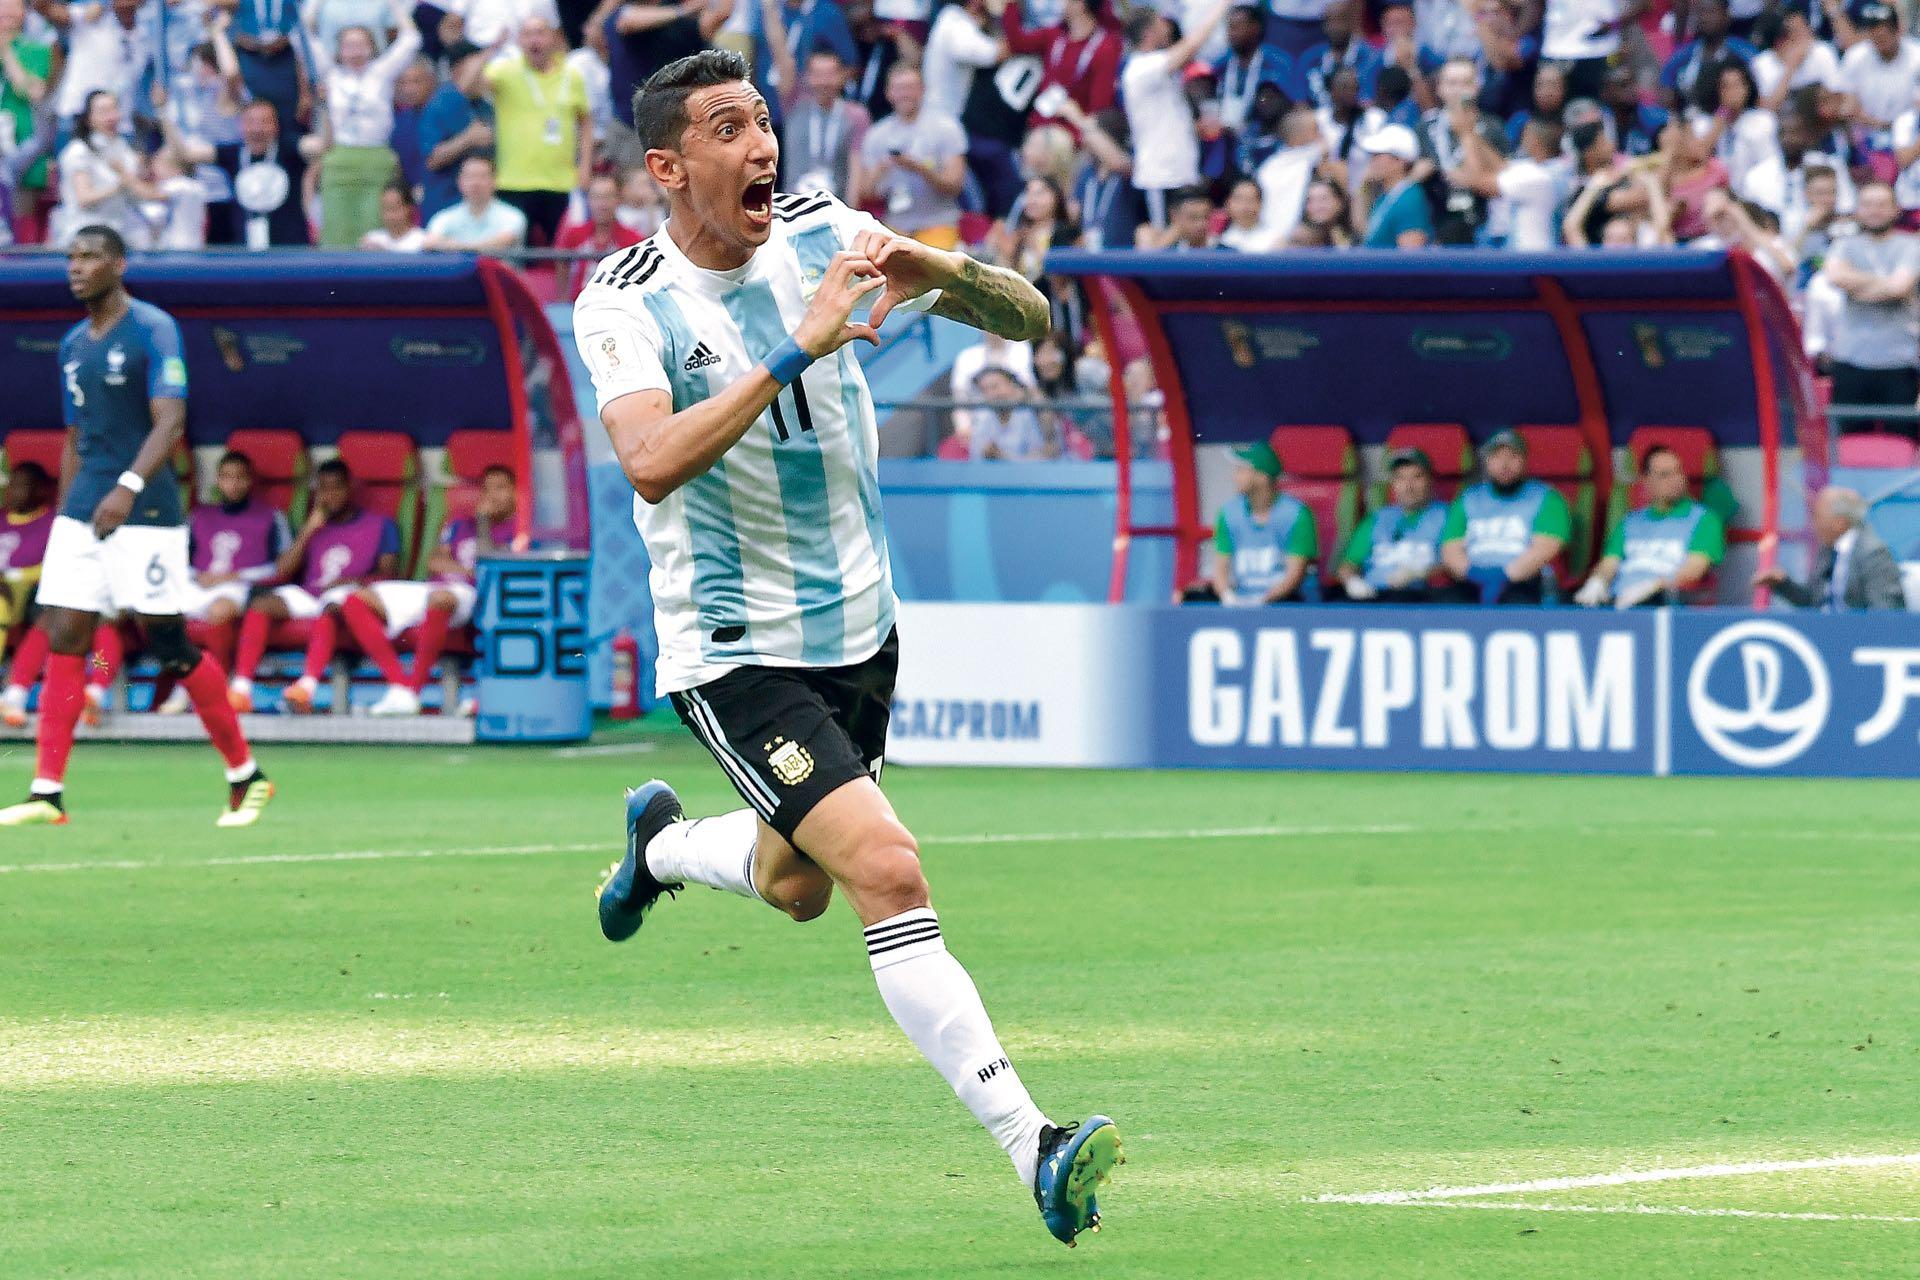 El partido contra Francia estuvo repleto de emociones. Casi al final del primer tiempo, Angel Di María consiguió el 1 a 1 (Francia se había puesto en ventaja por un gol de penal convertido por Griezmann) y lo festejó con su clásico gesto en forma de corazón.